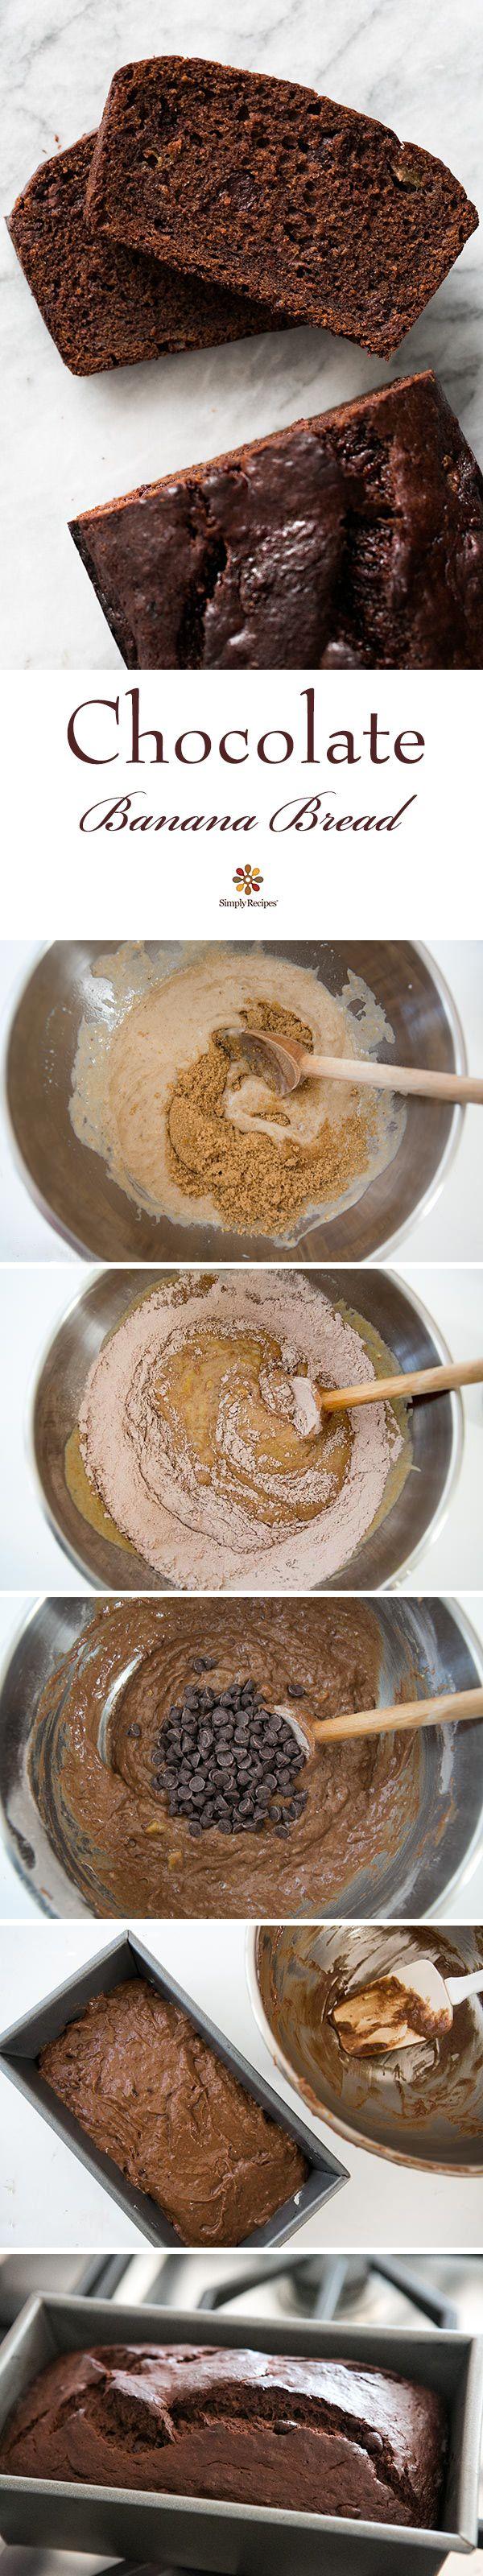 초콜릿 바나나 브레드